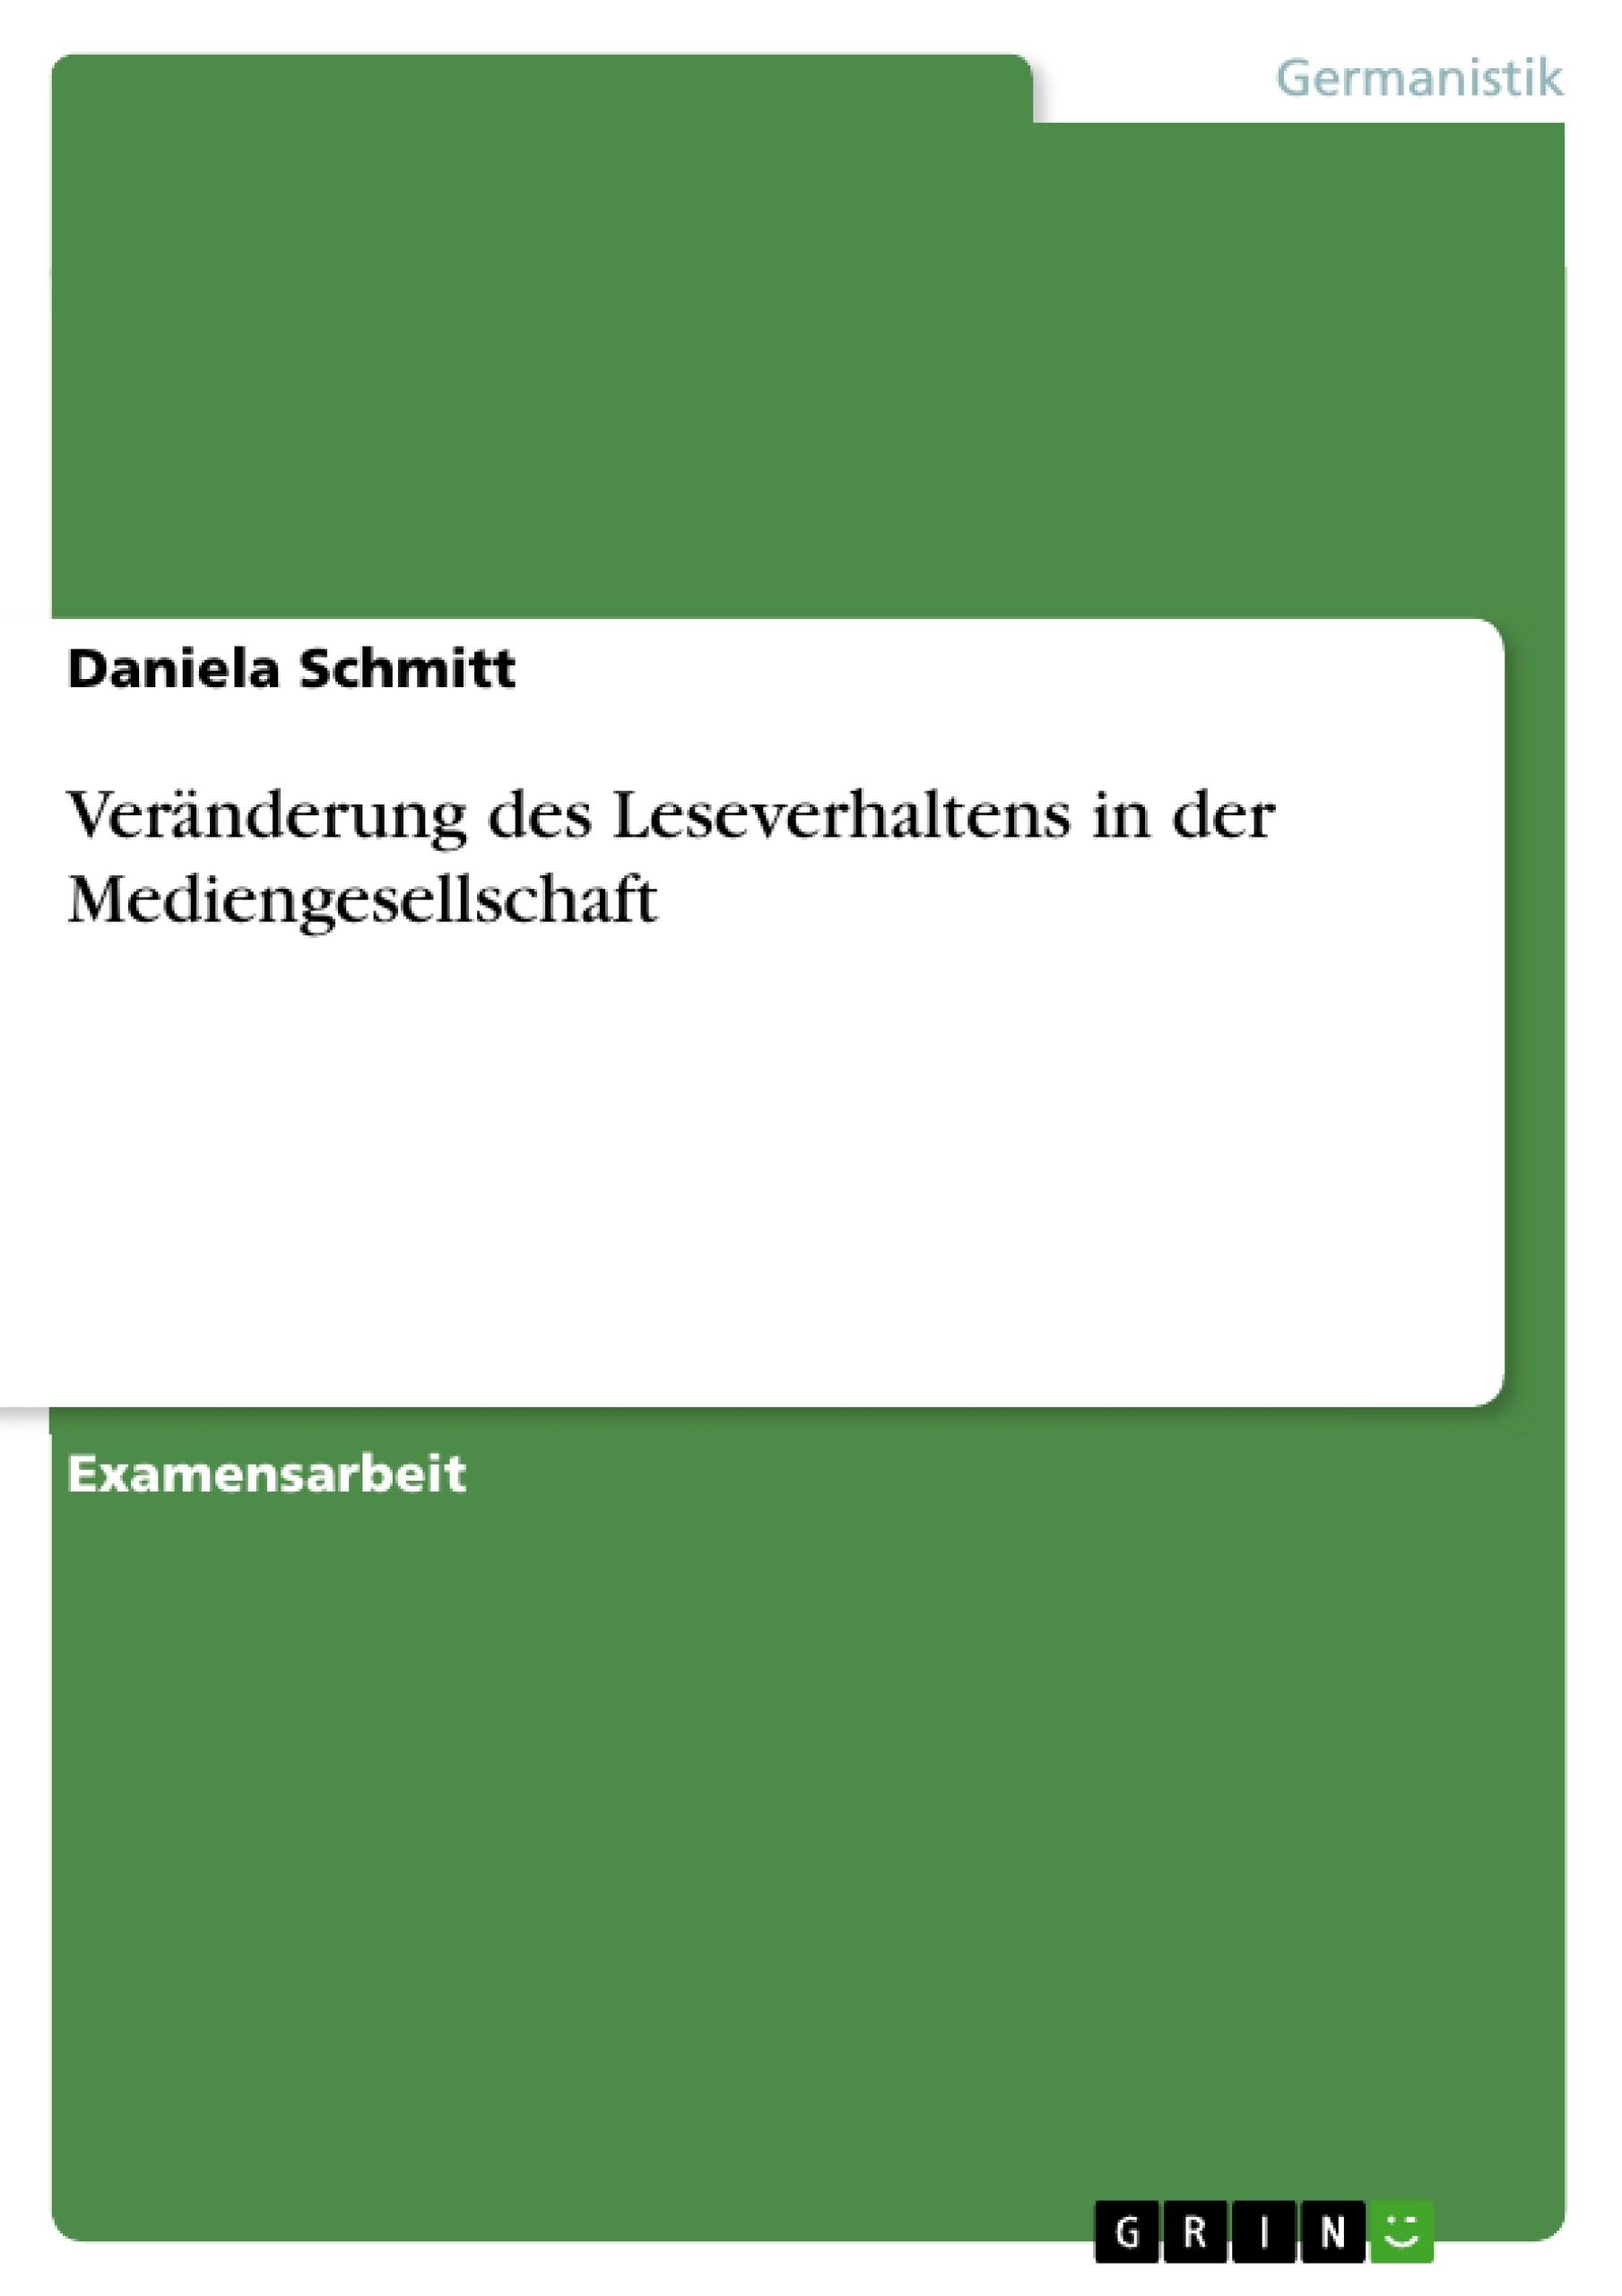 Titel: Veränderung des Leseverhaltens in der Mediengesellschaft